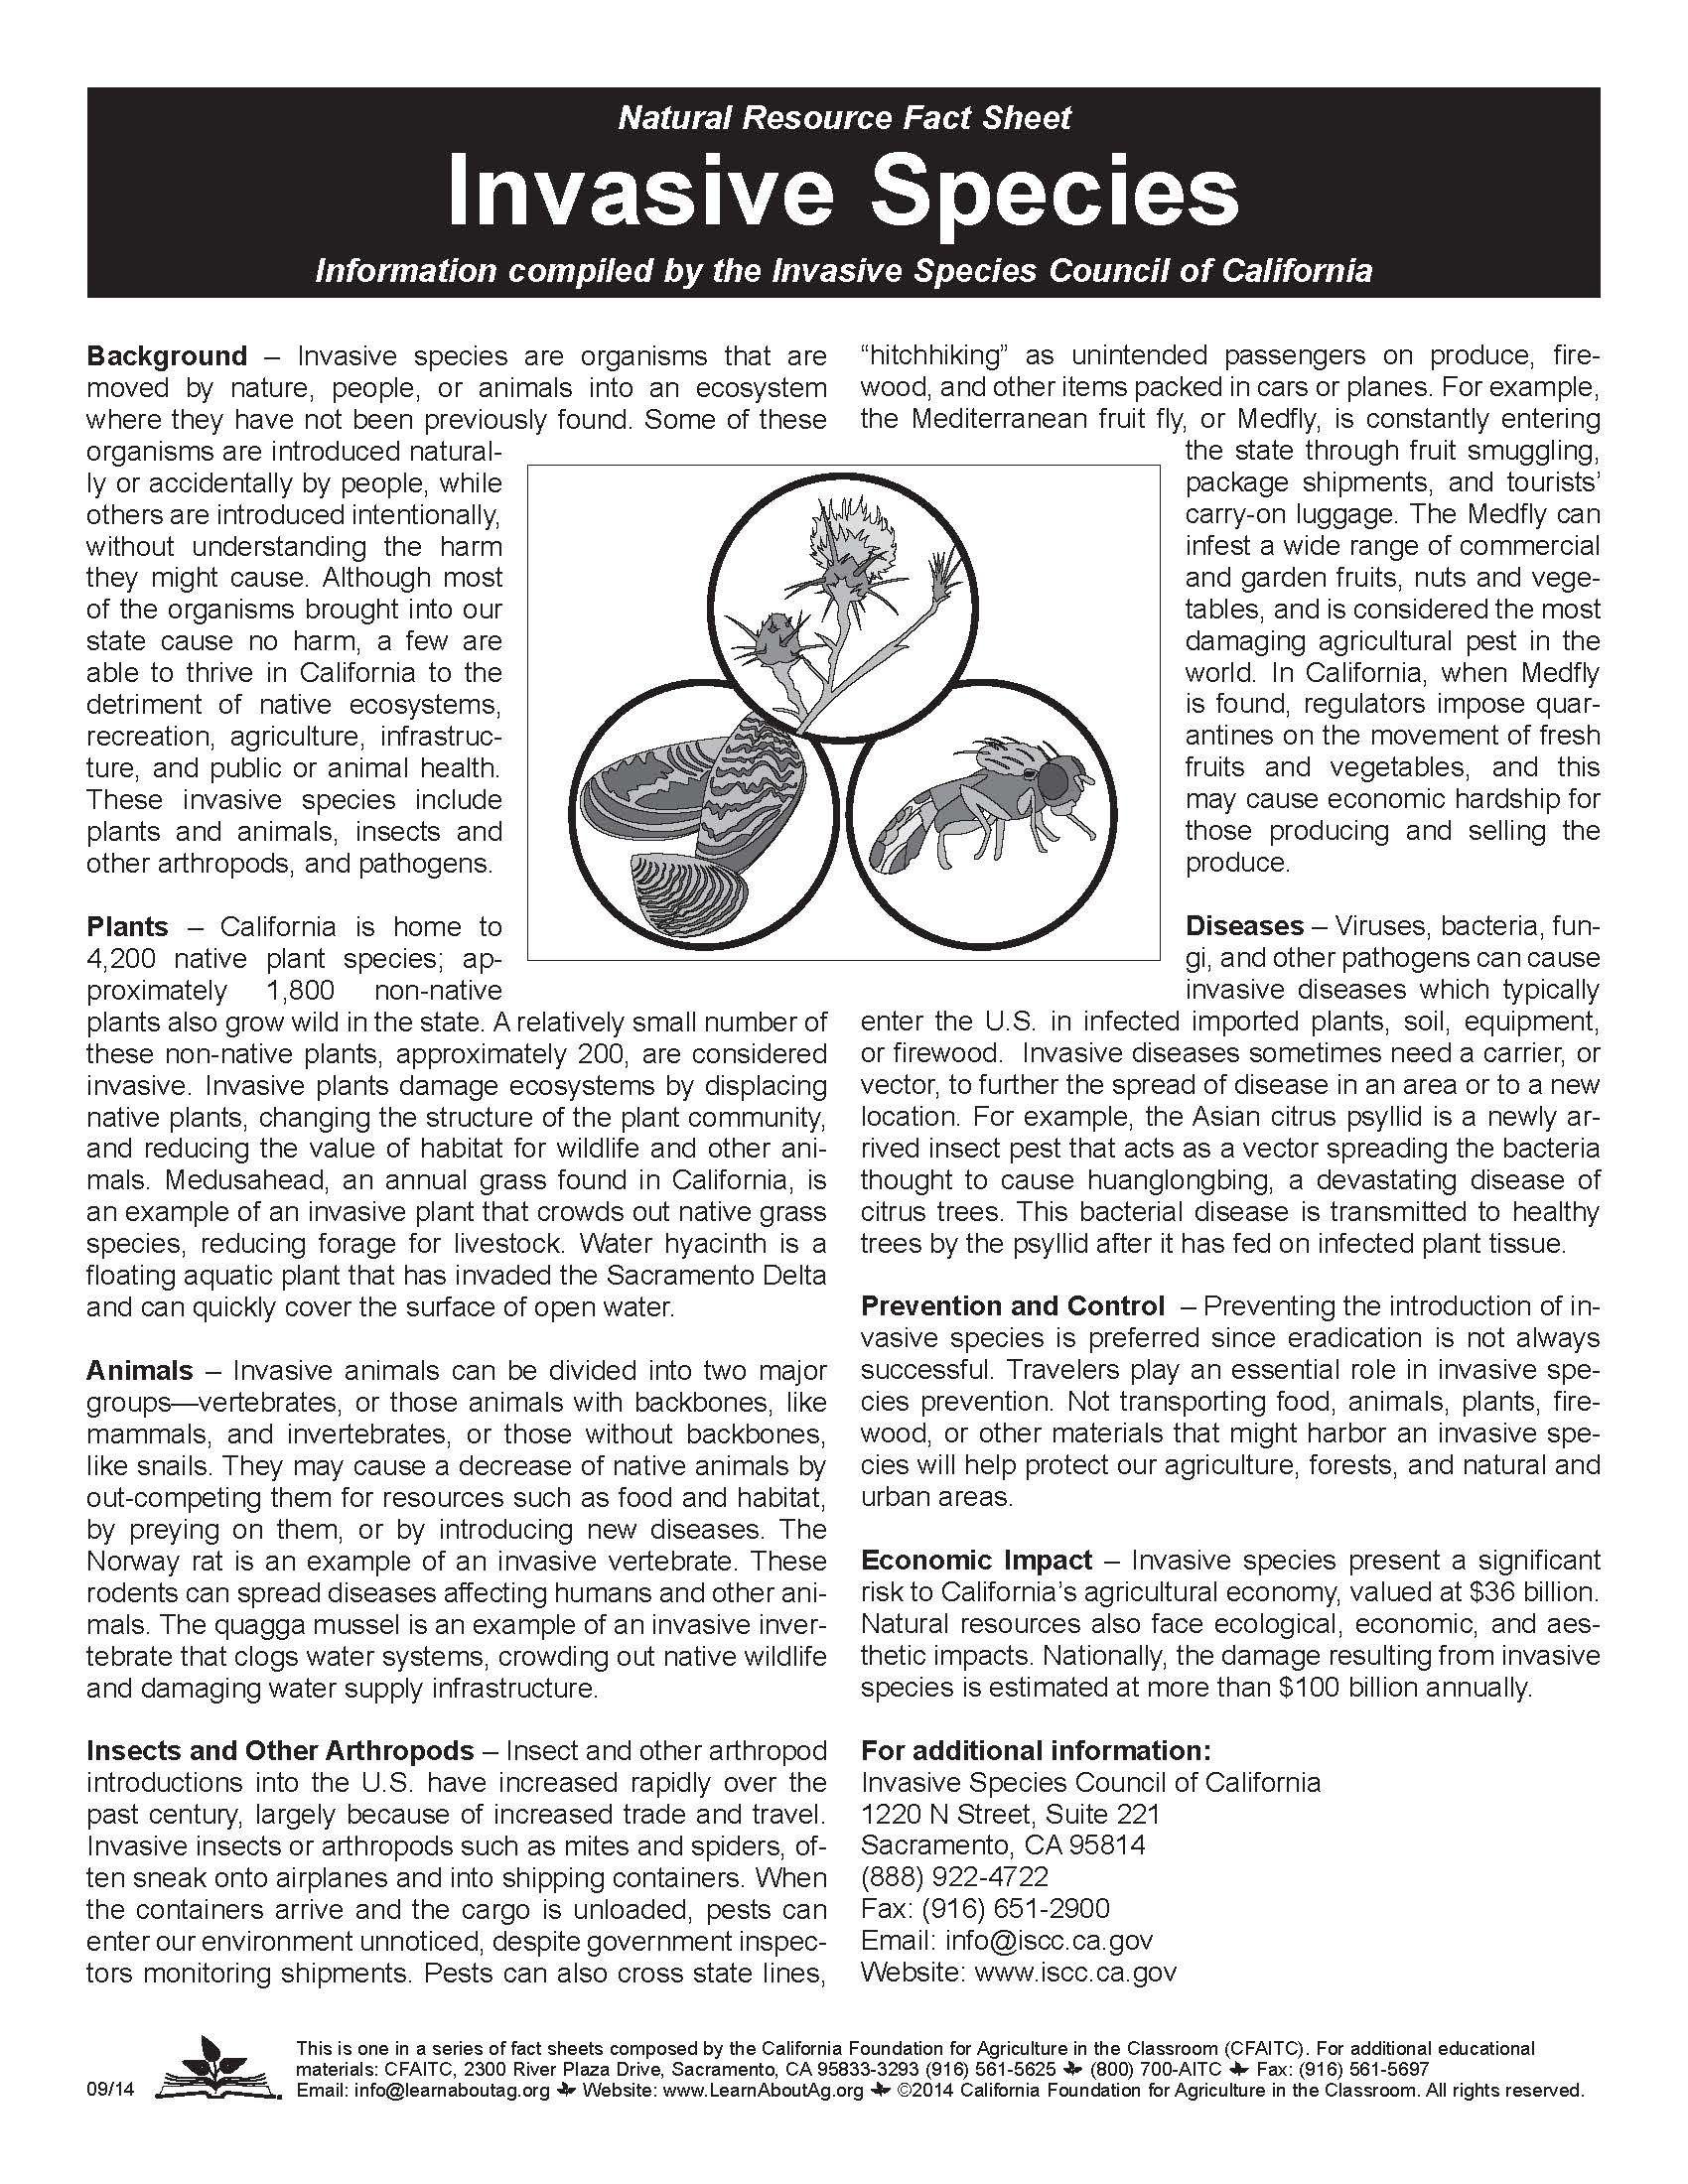 Invasive Species Worksheet   worksheet